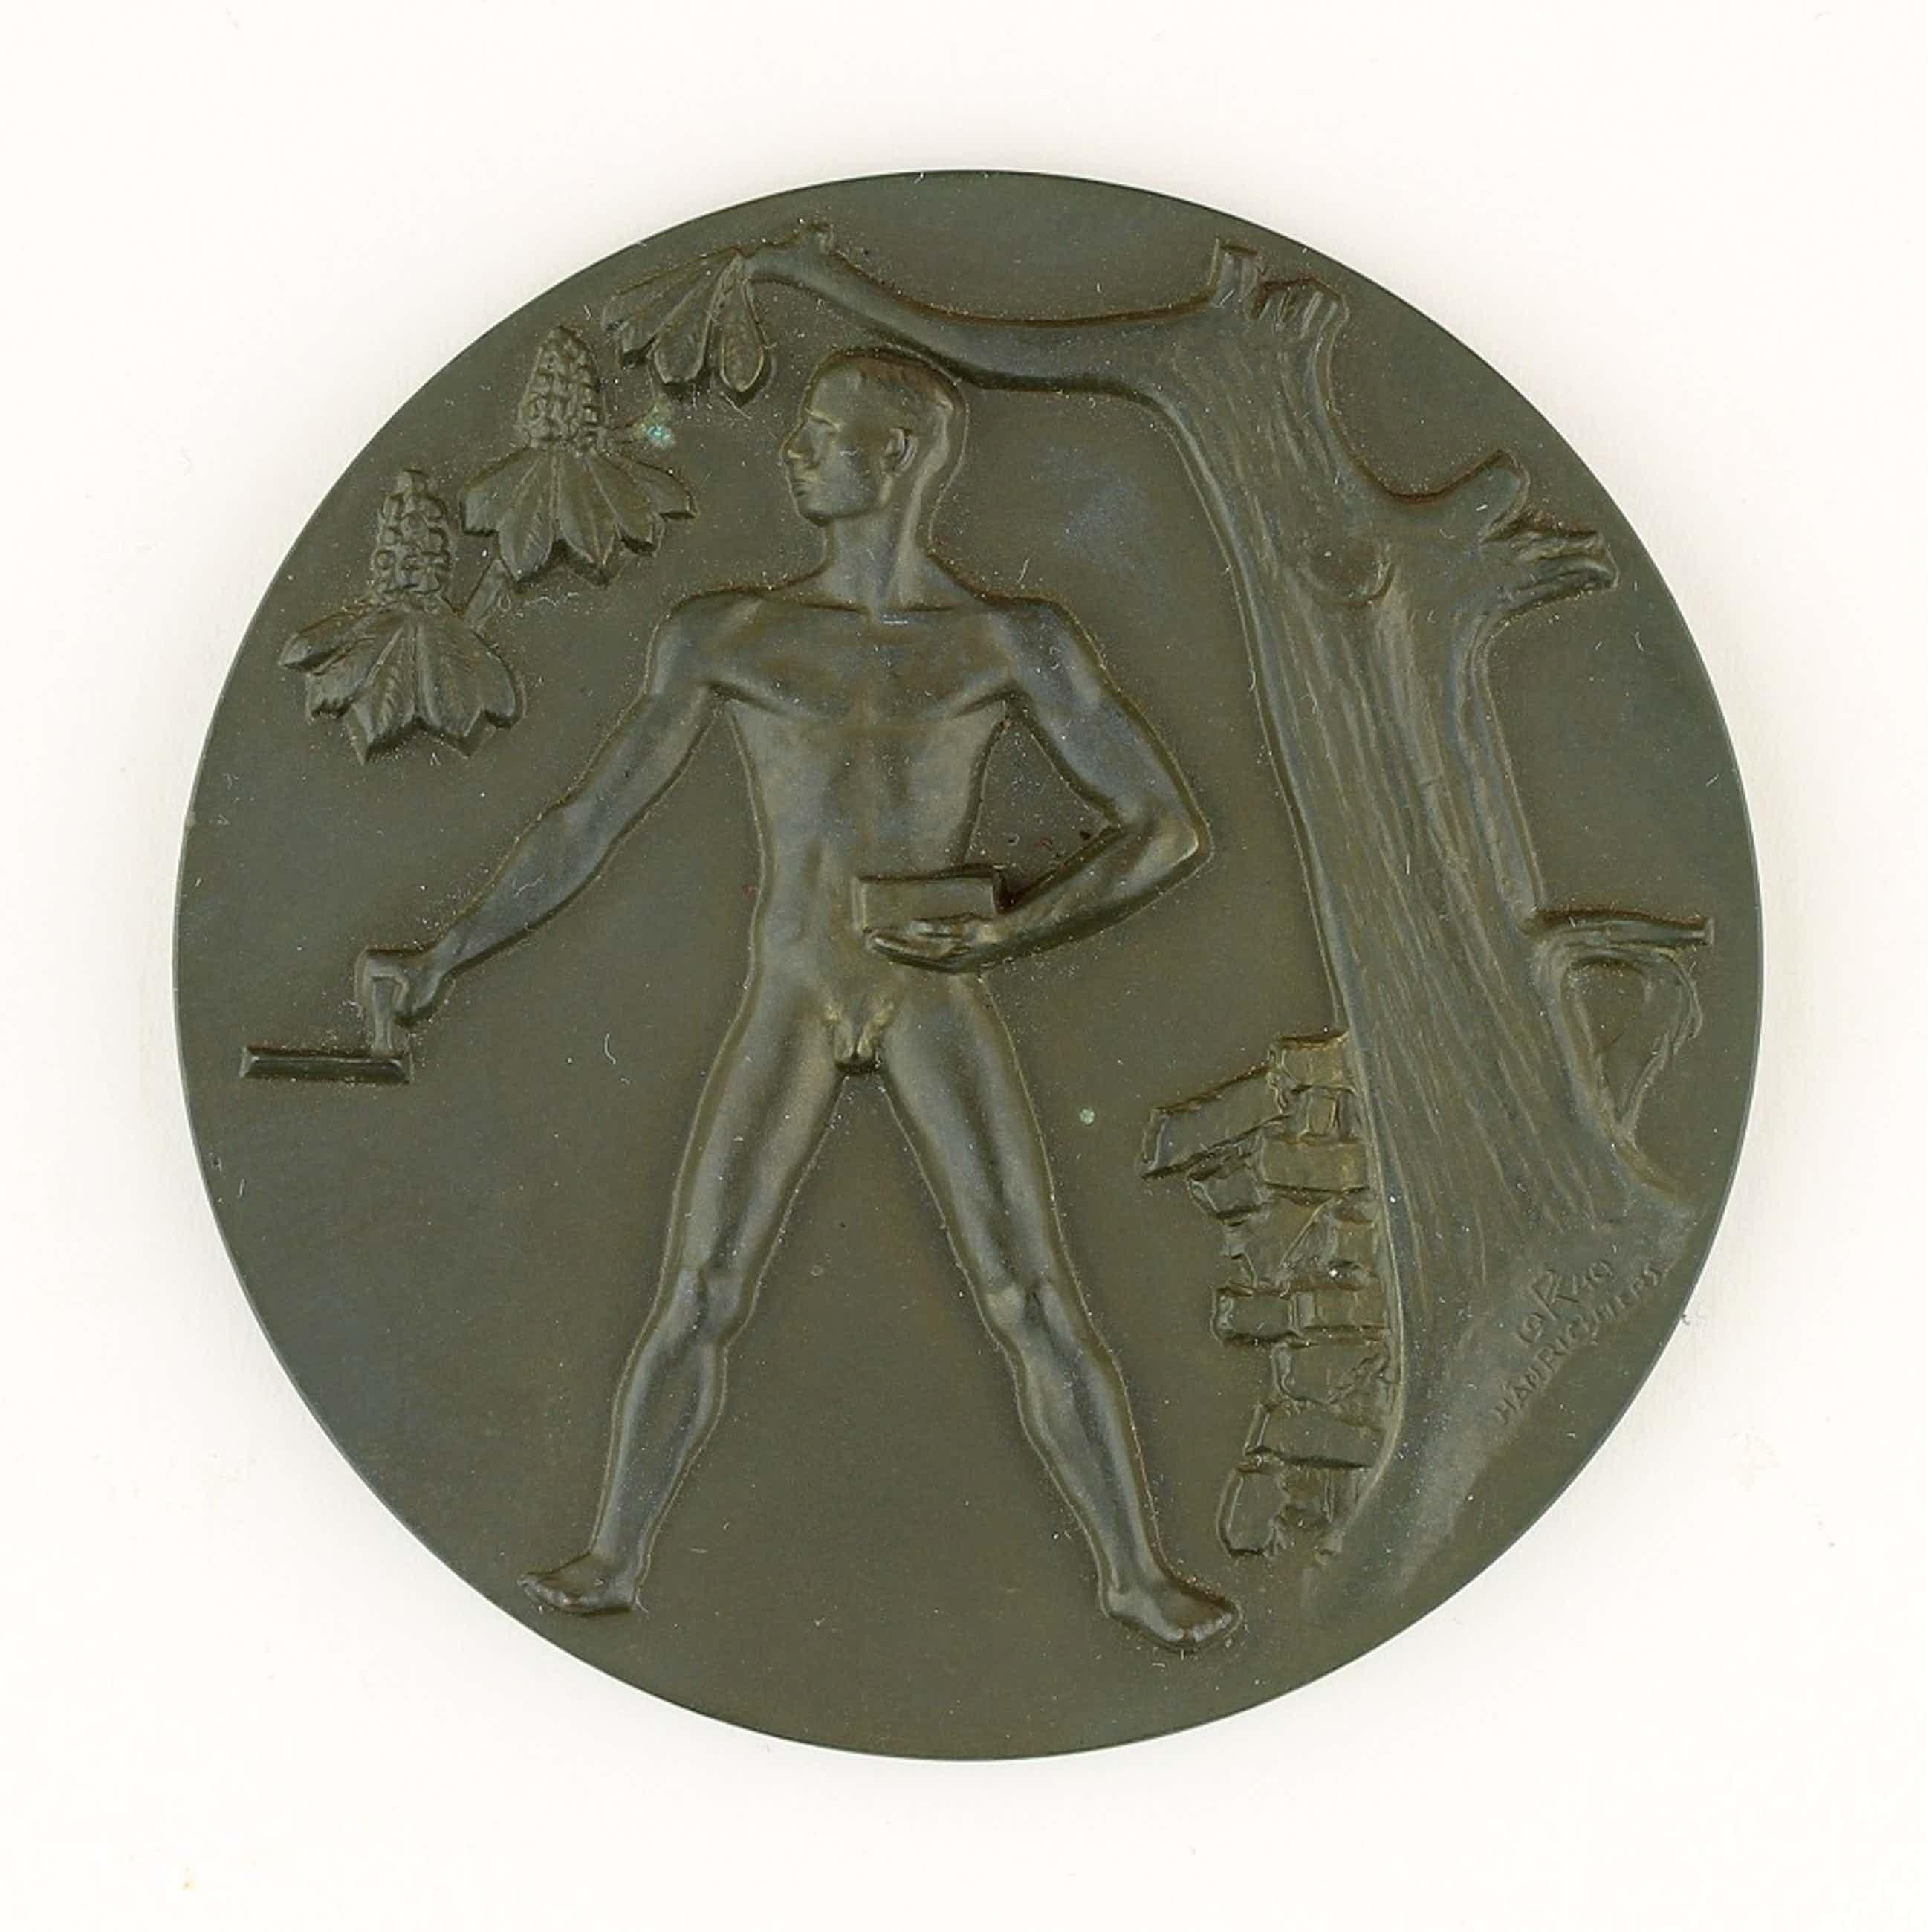 Hans Richter - Bronzen penning: Opbouw, 1940 kopen? Bied vanaf 55!